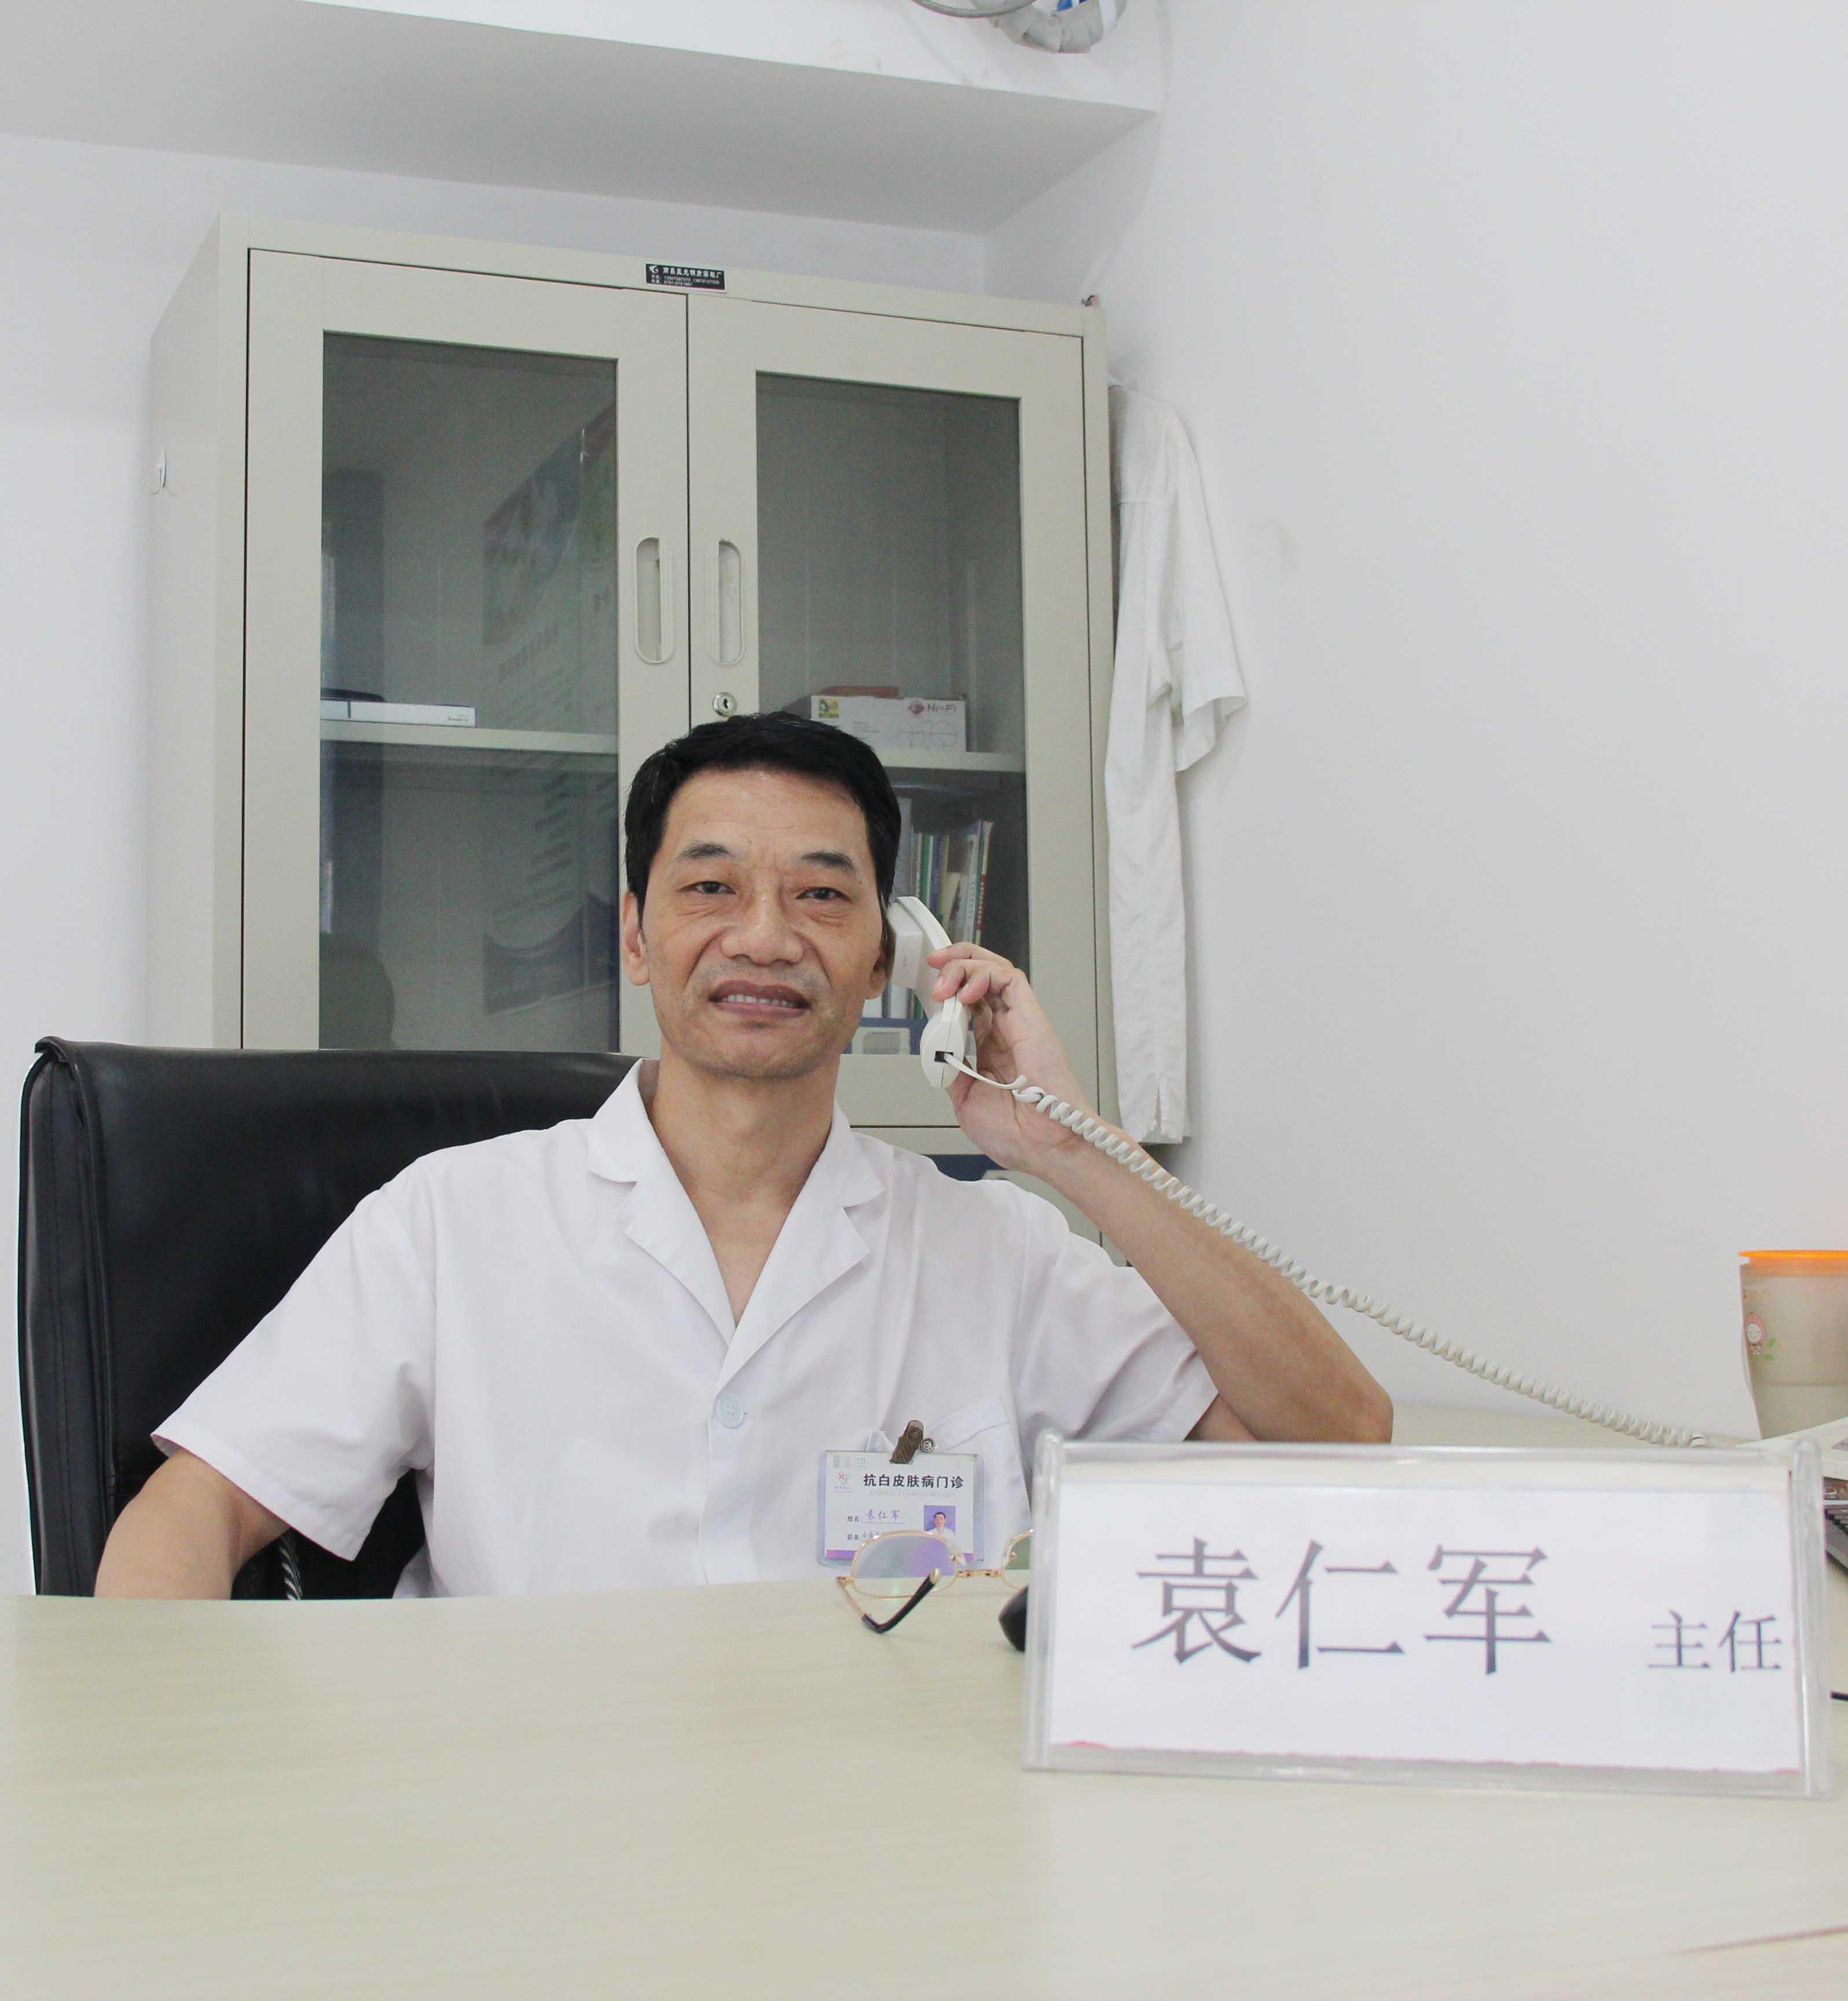 南昌抗白白癜风门诊医院专家袁仁军